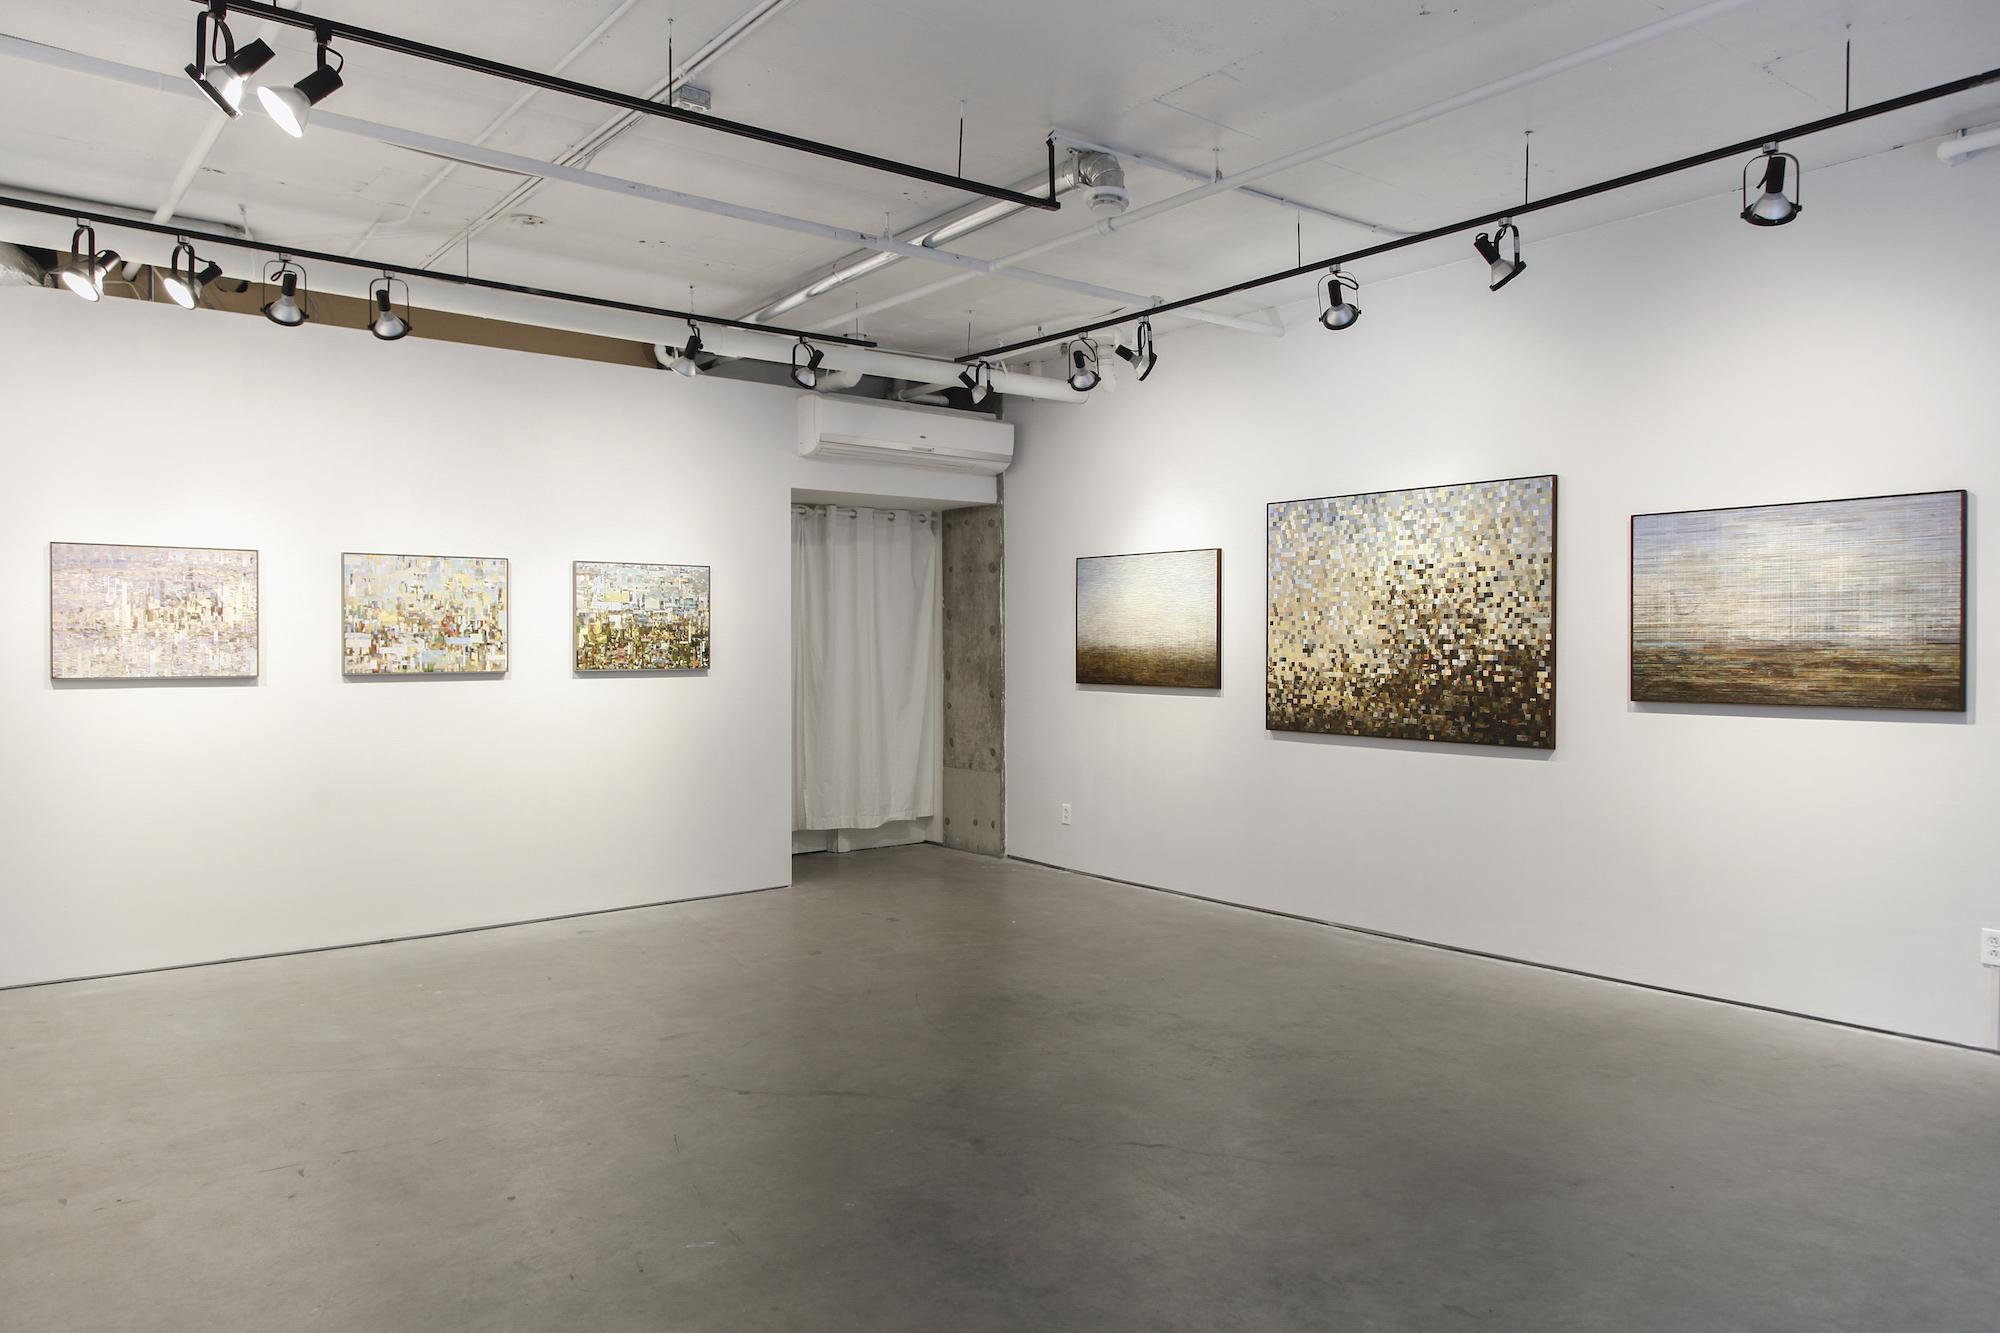 Landscape Past Future. Archival pigment prints. 2019. Variable dimensions.